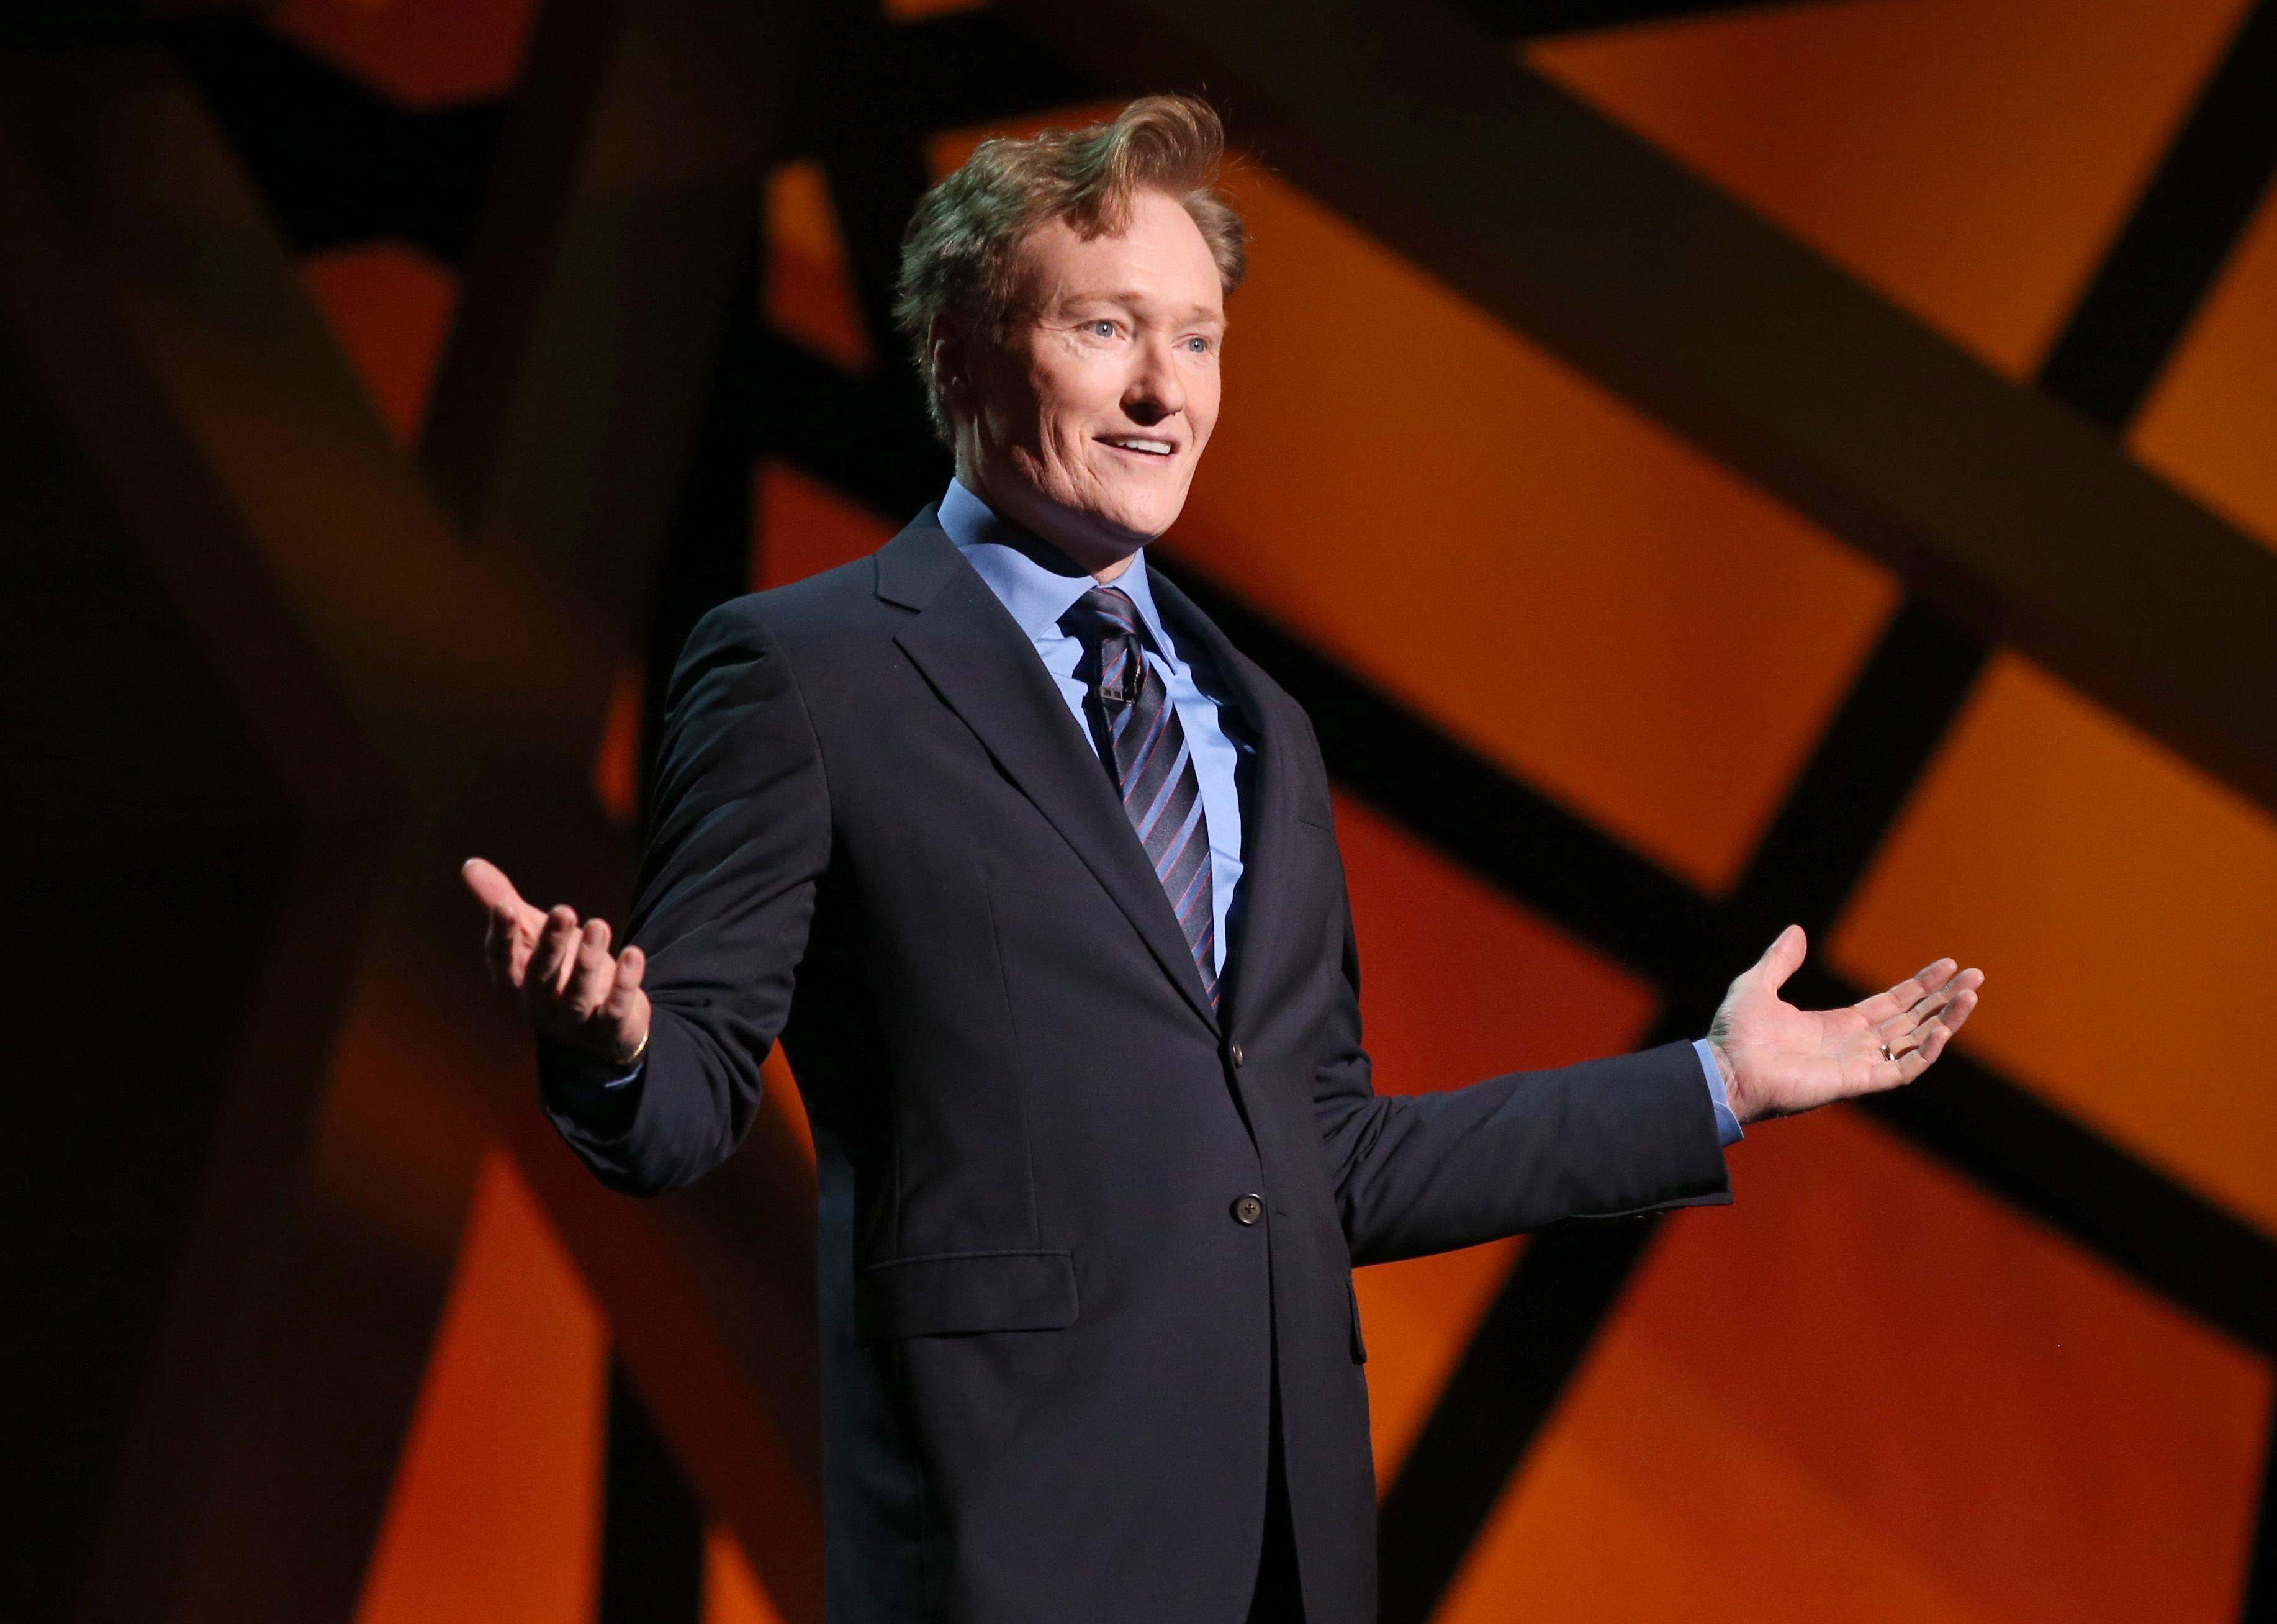 Conan O'Brien paid taxes